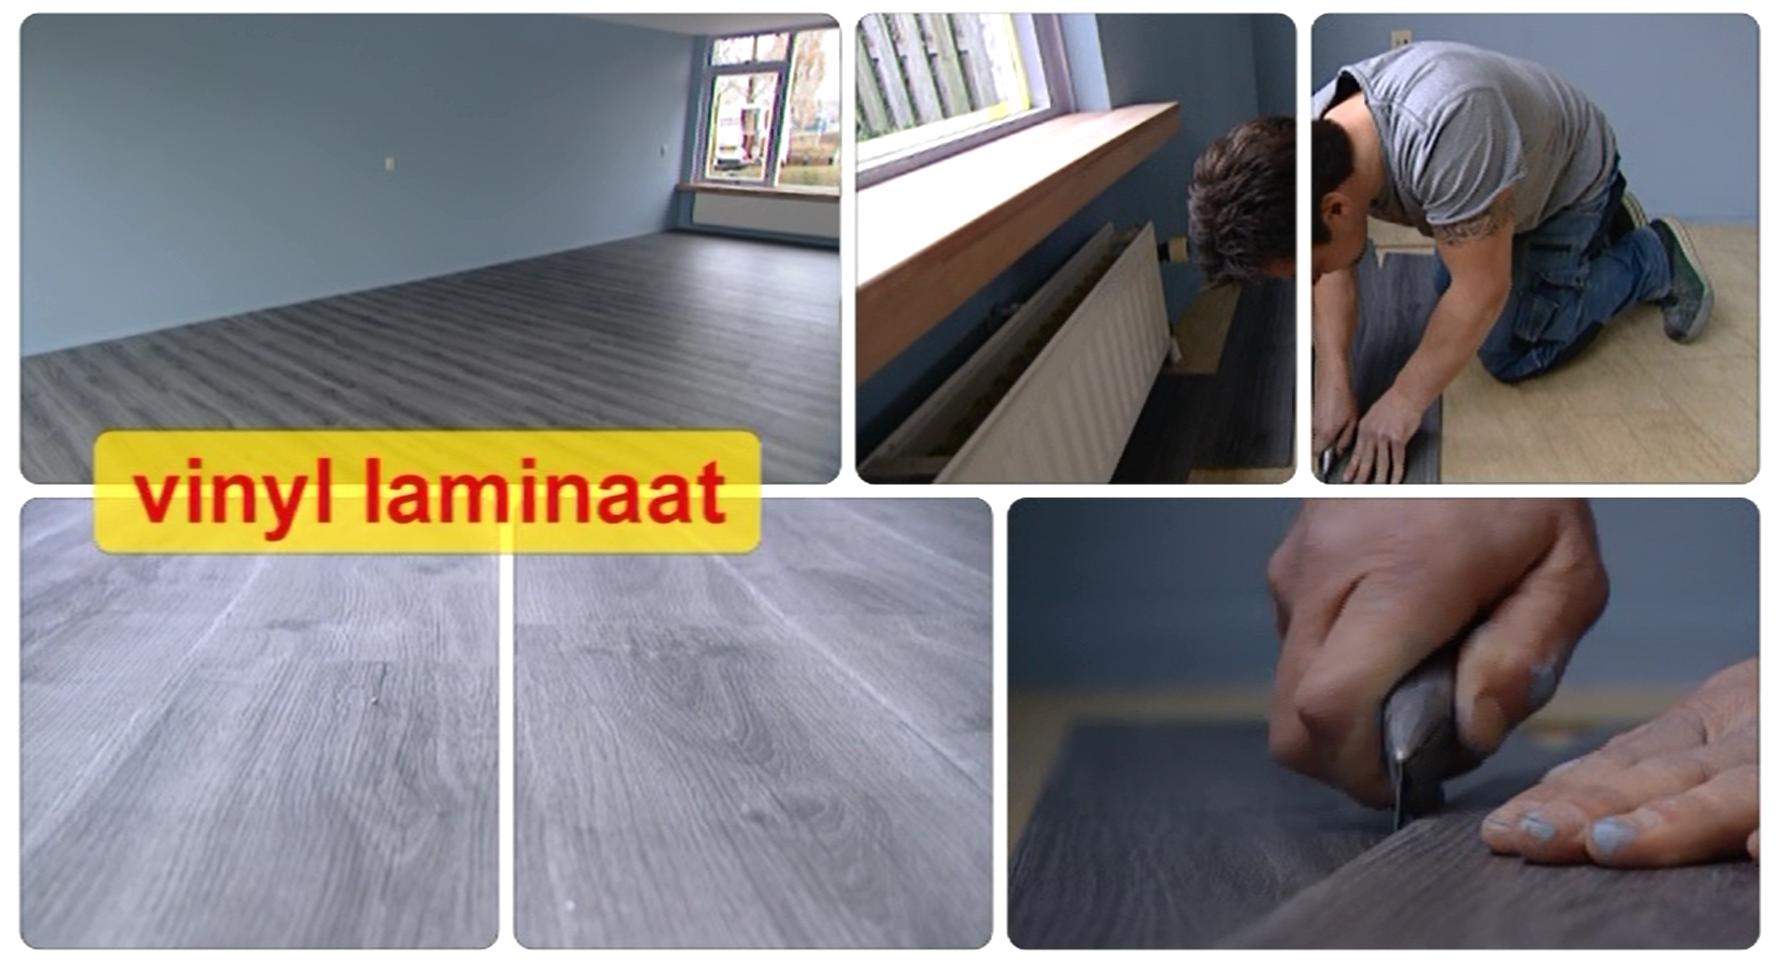 Pvc Laminaat Praxis : Pvc laminaat bij praxis: pvc vloeren helmond best massief houten